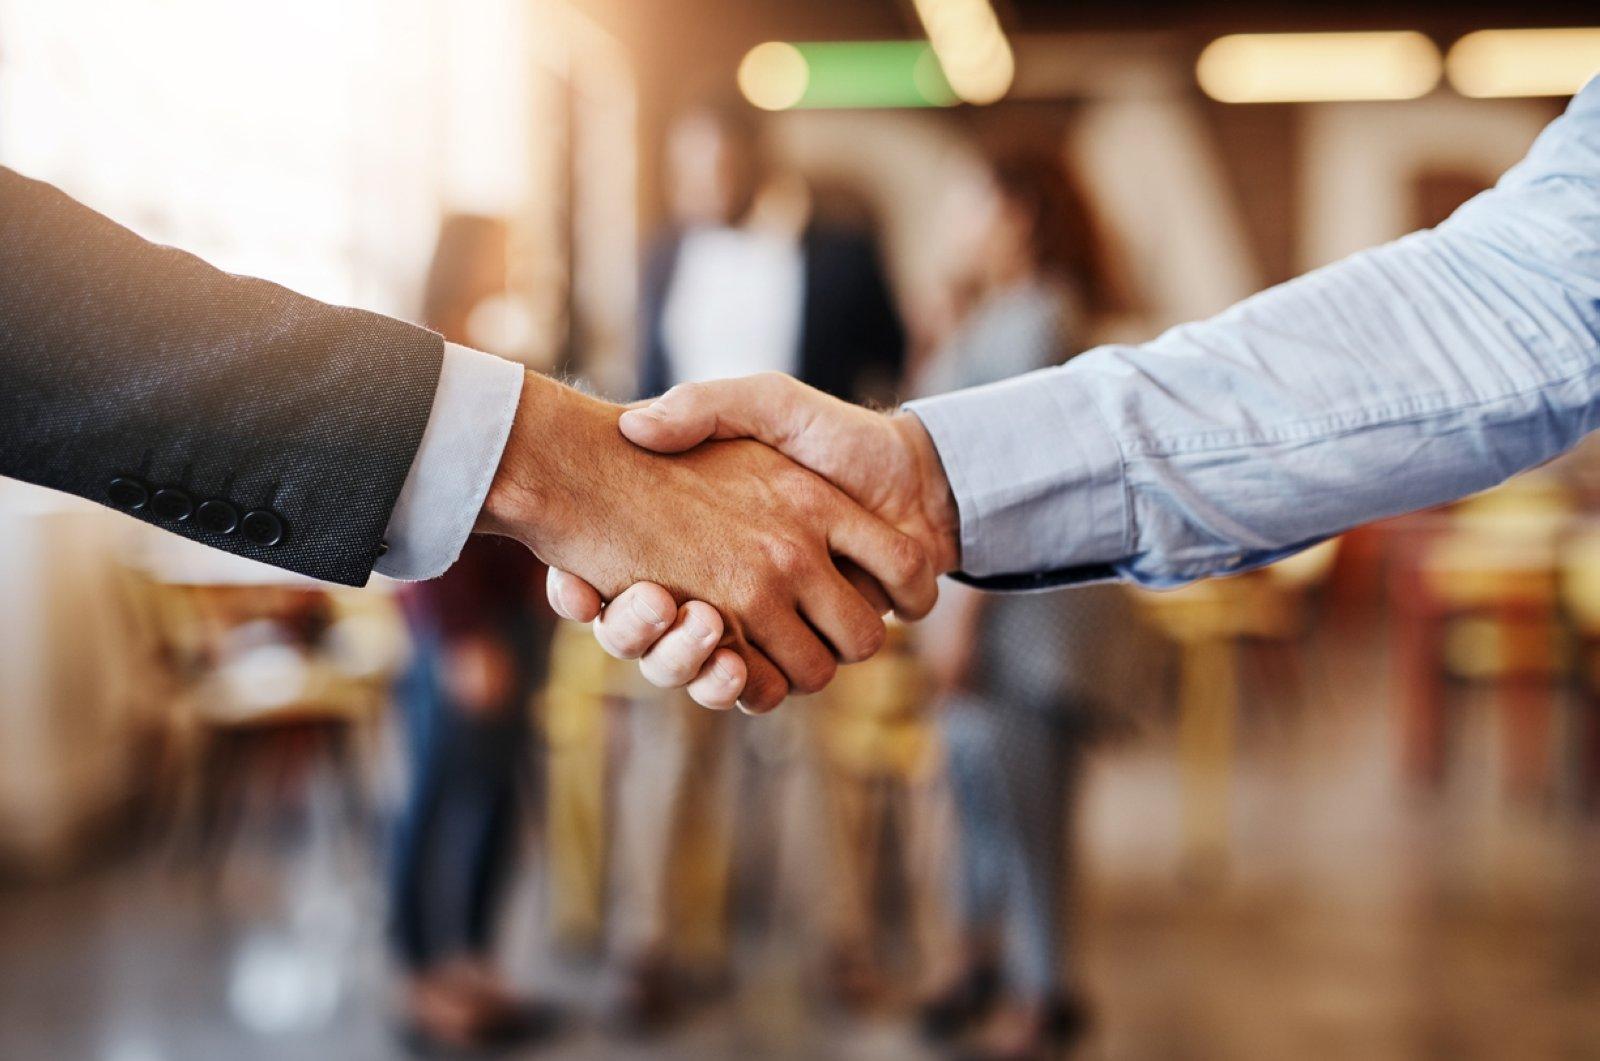 $5.3 billion worth of M&A deals were made in Turkey in 2019. (iStock photo)